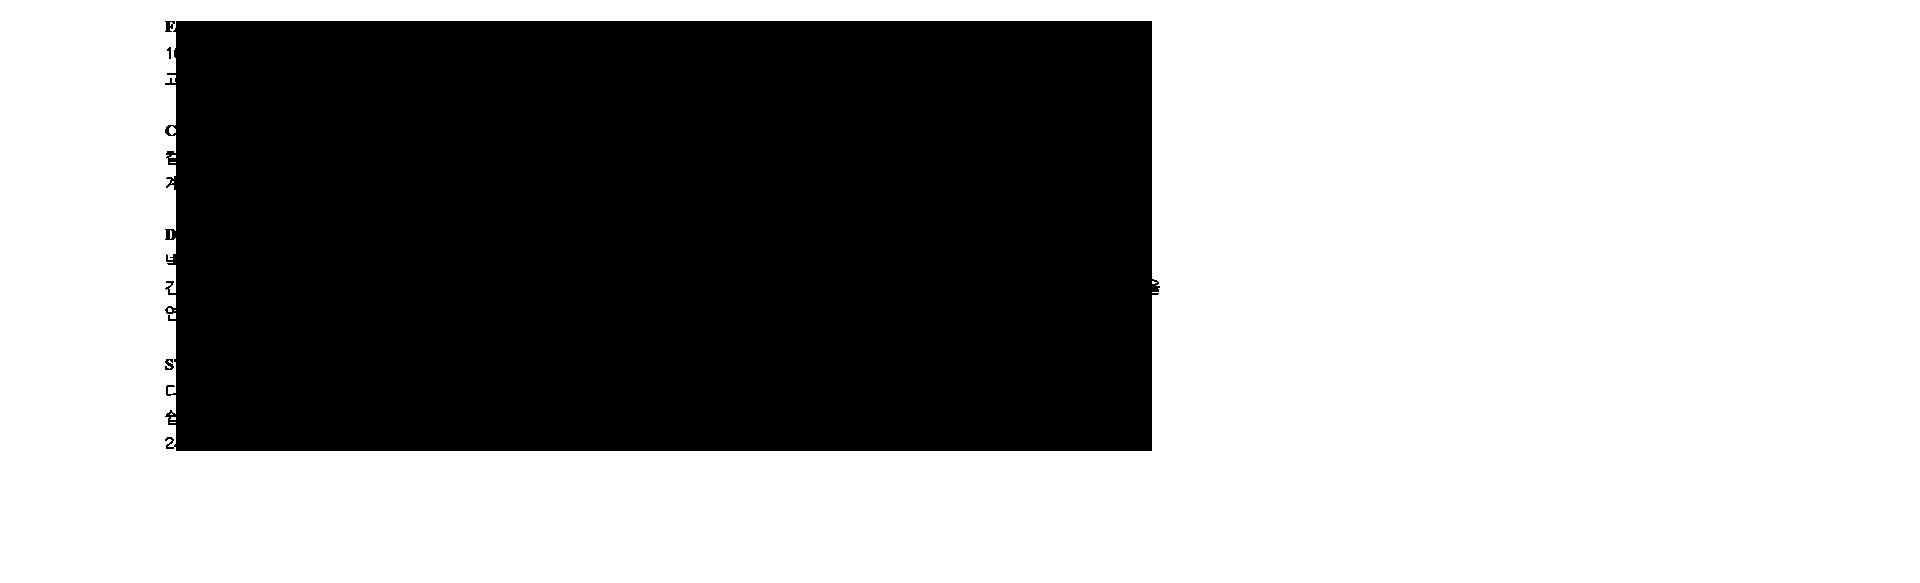 247-스웨트셔츠 이미지